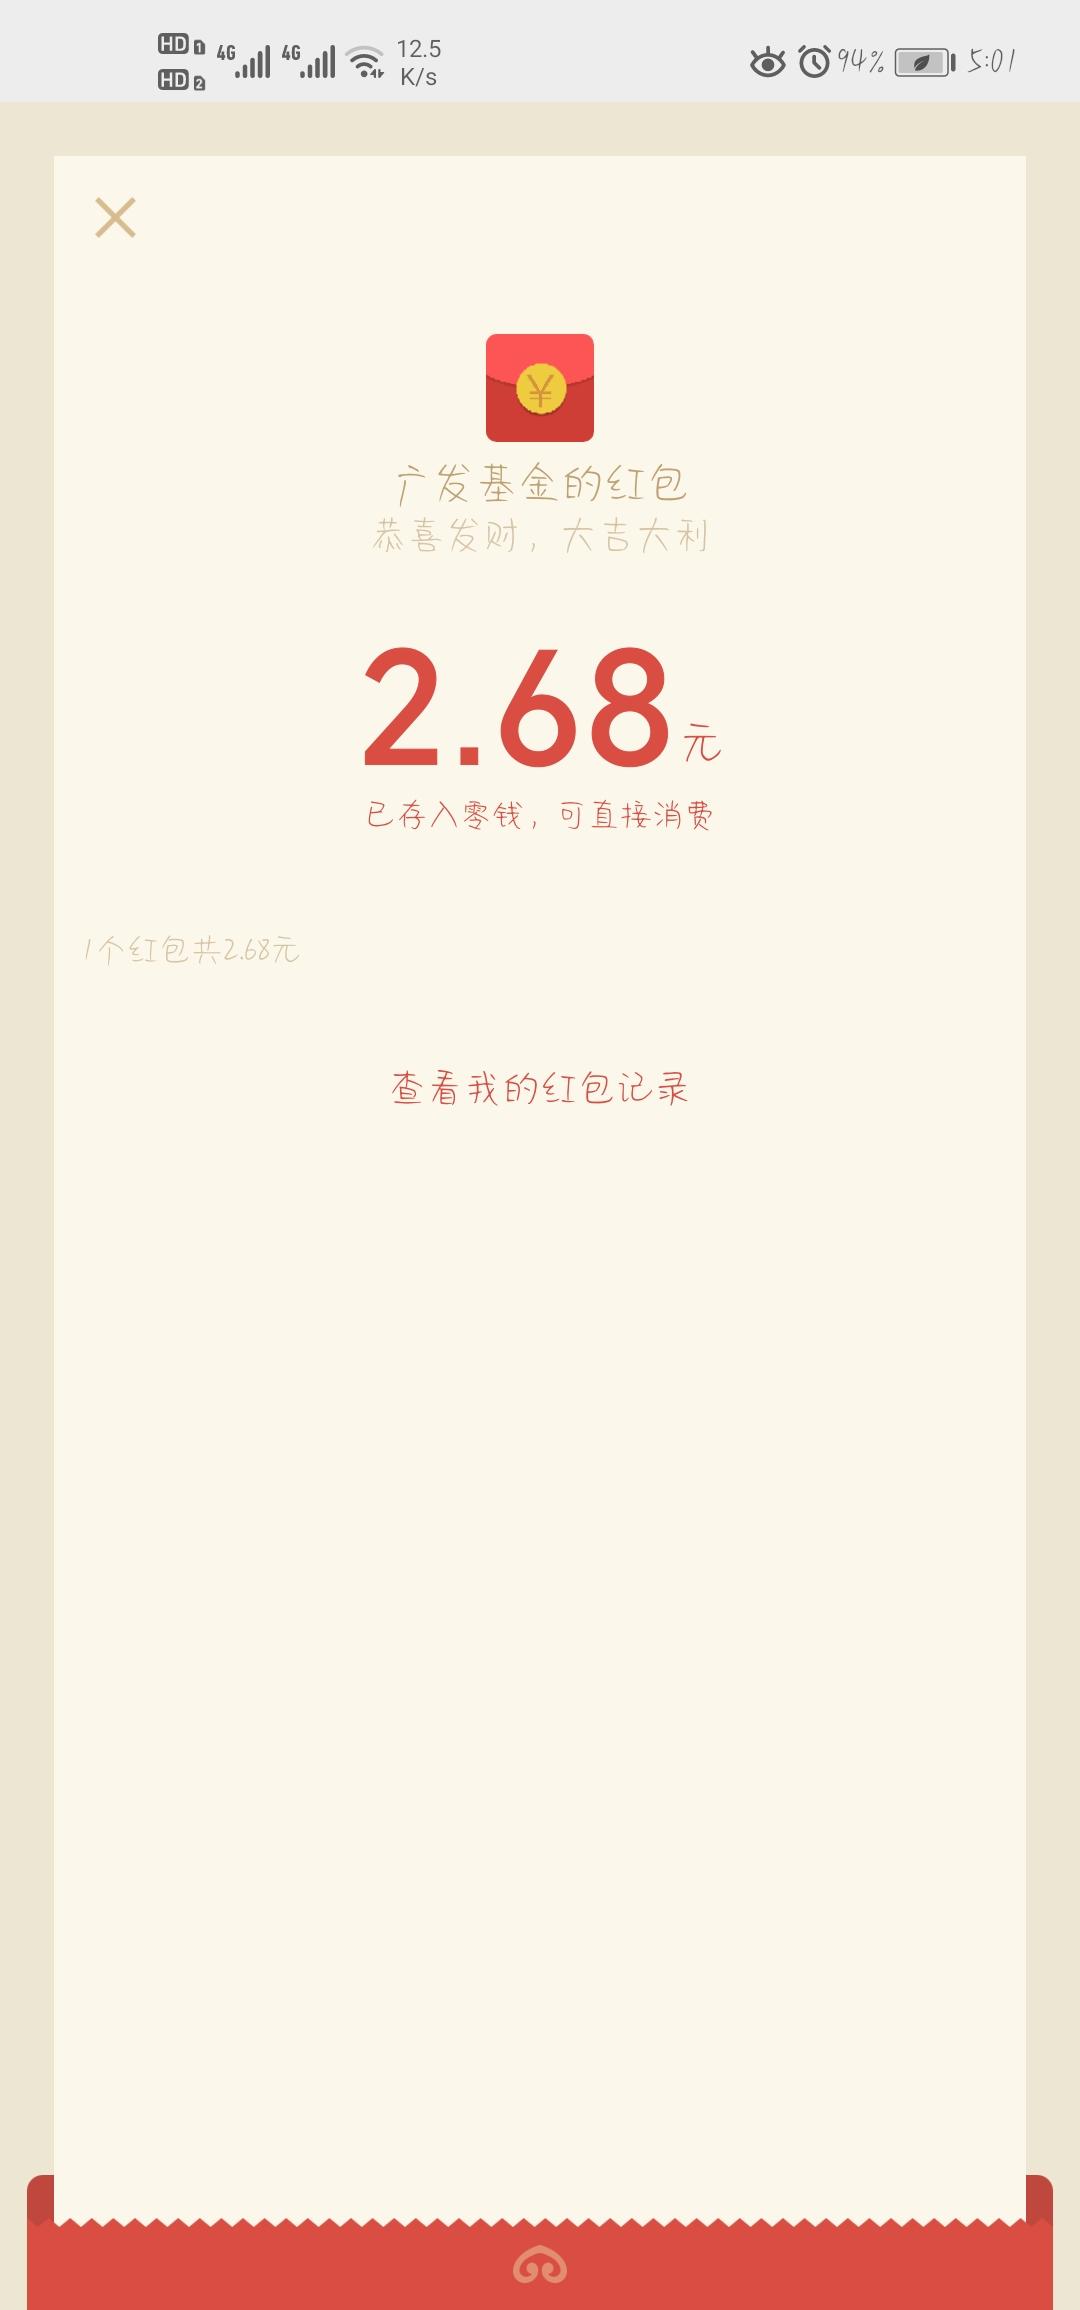 广发基金绑定账户领红包-惠小助(52huixz.com)